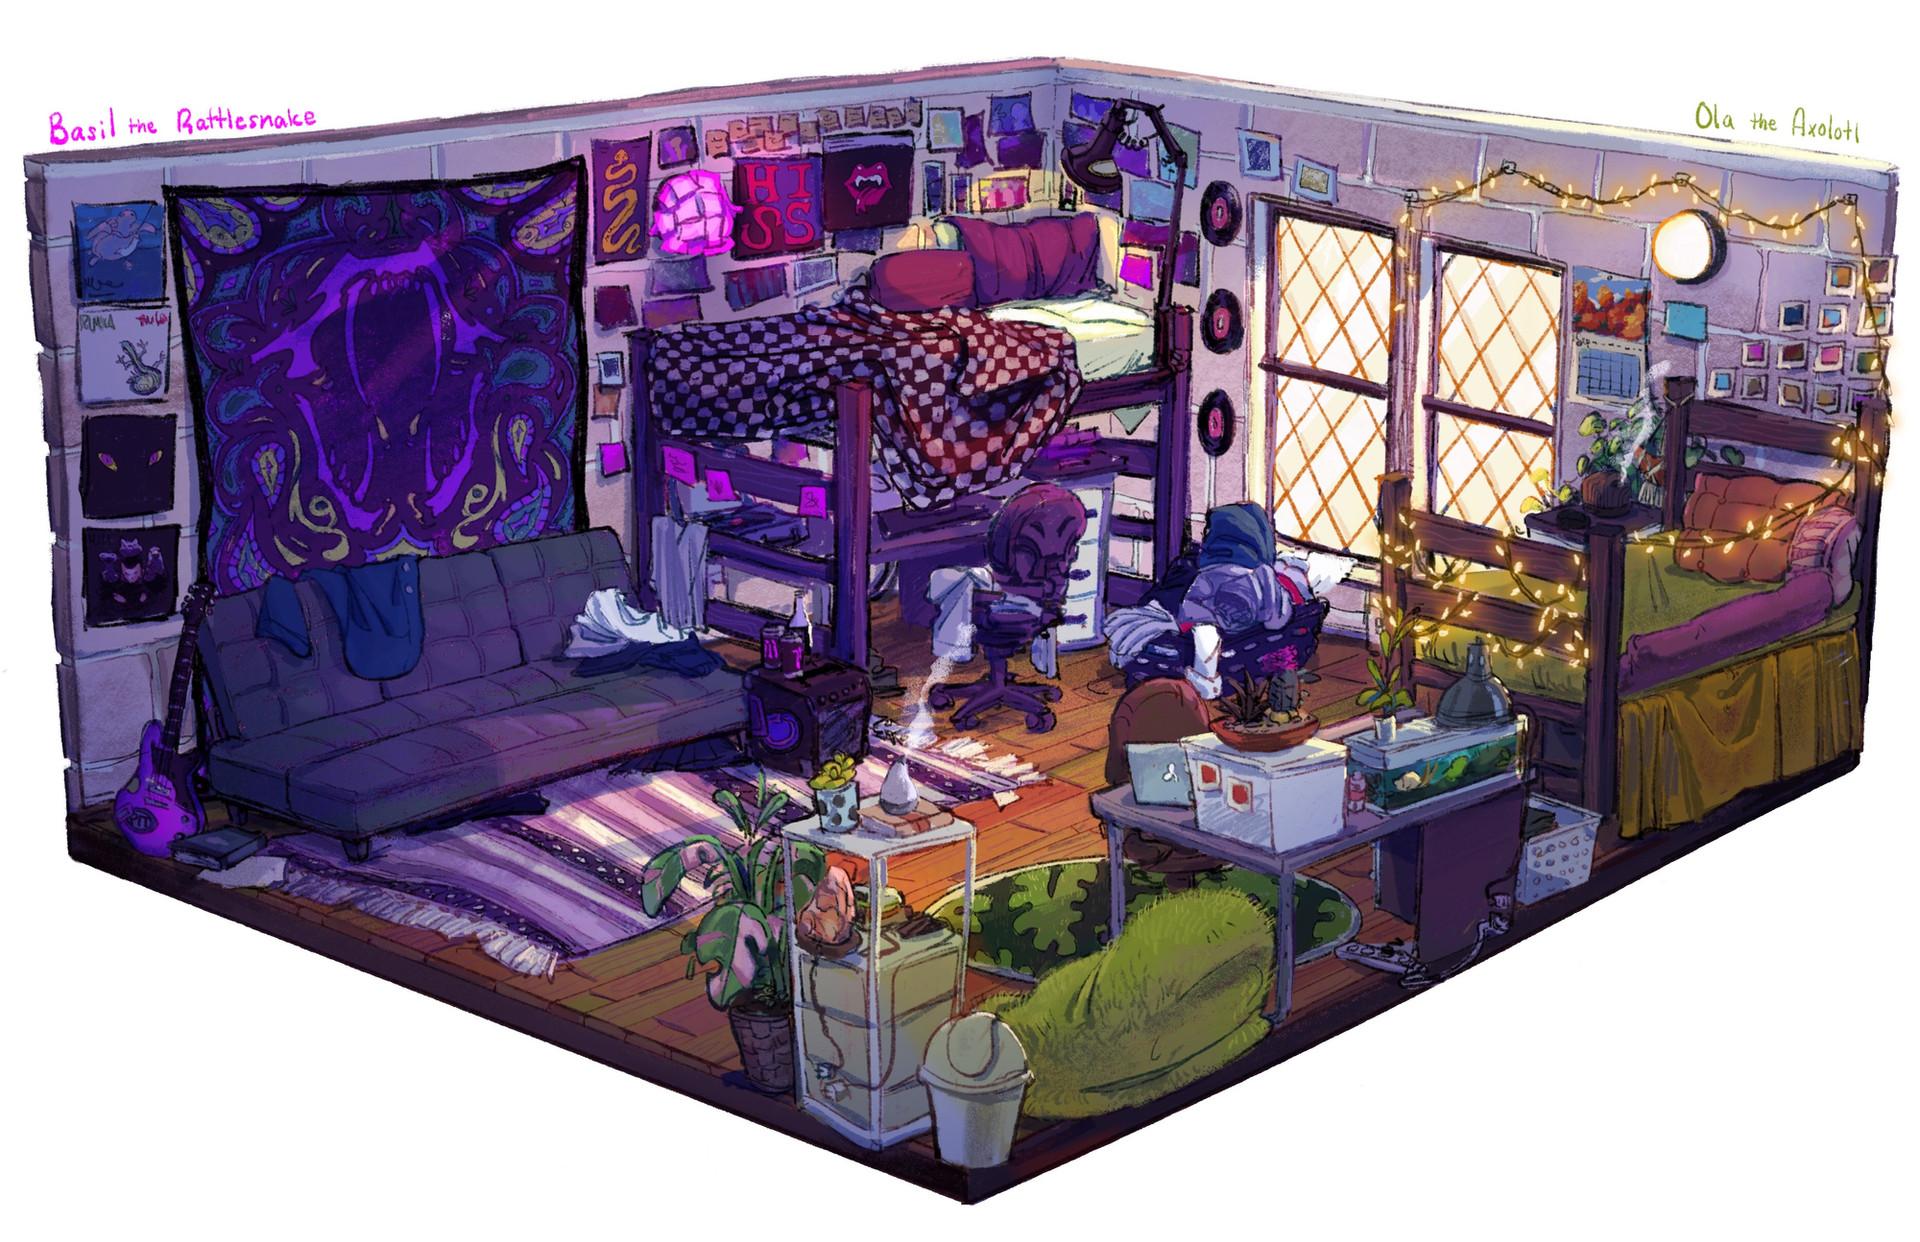 Basil & Ola's Dorm